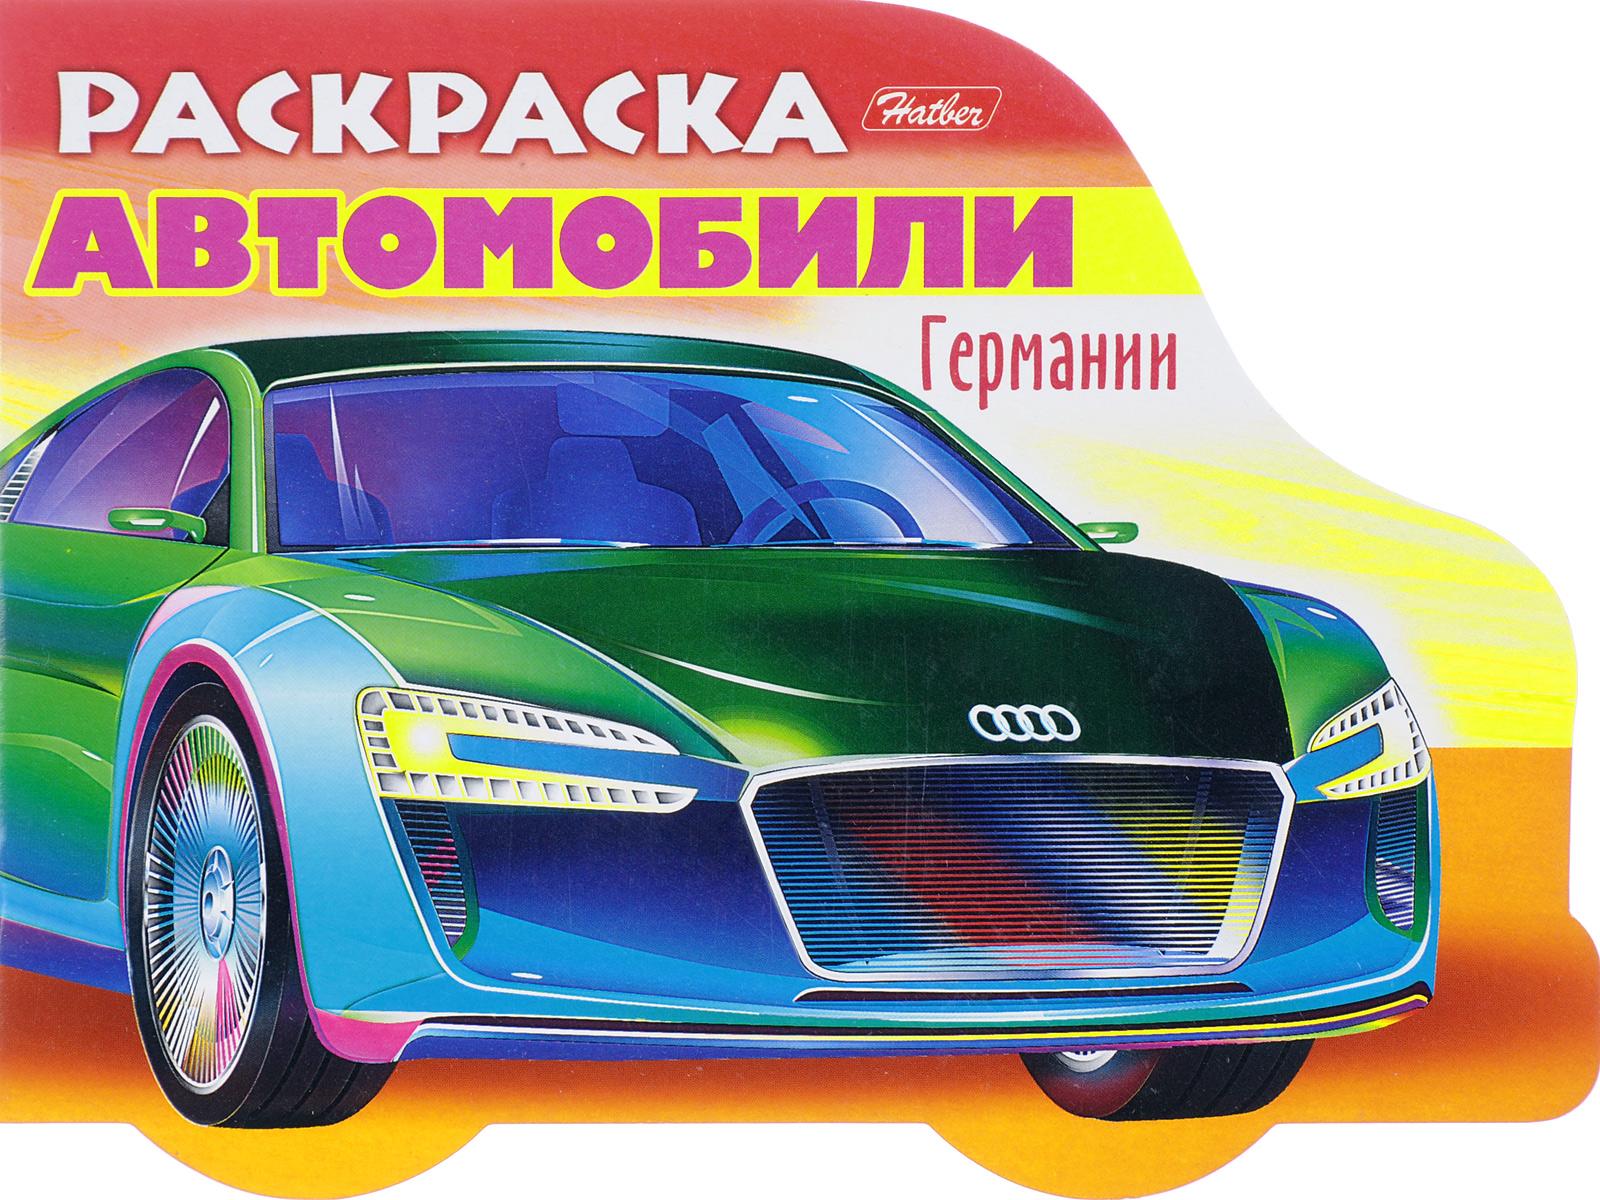 Автомобили Германии. Раскраска. Выпуск 2